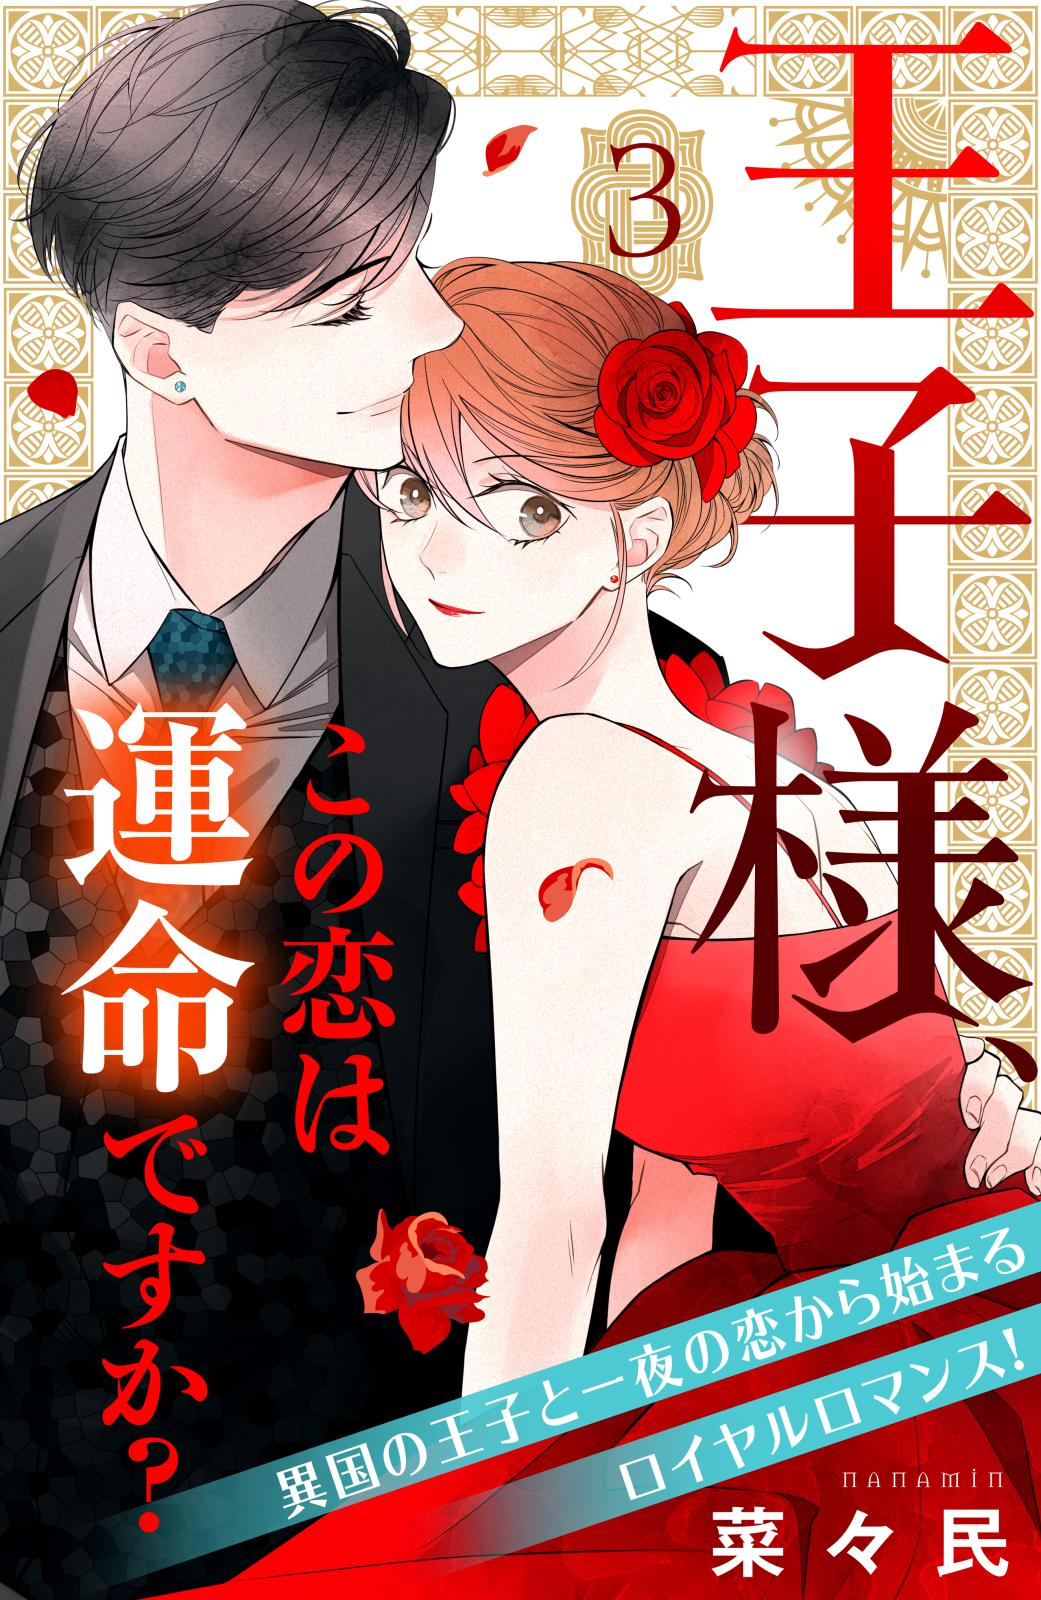 王子様、この恋は運命ですか?[comic tint]分冊版(3)